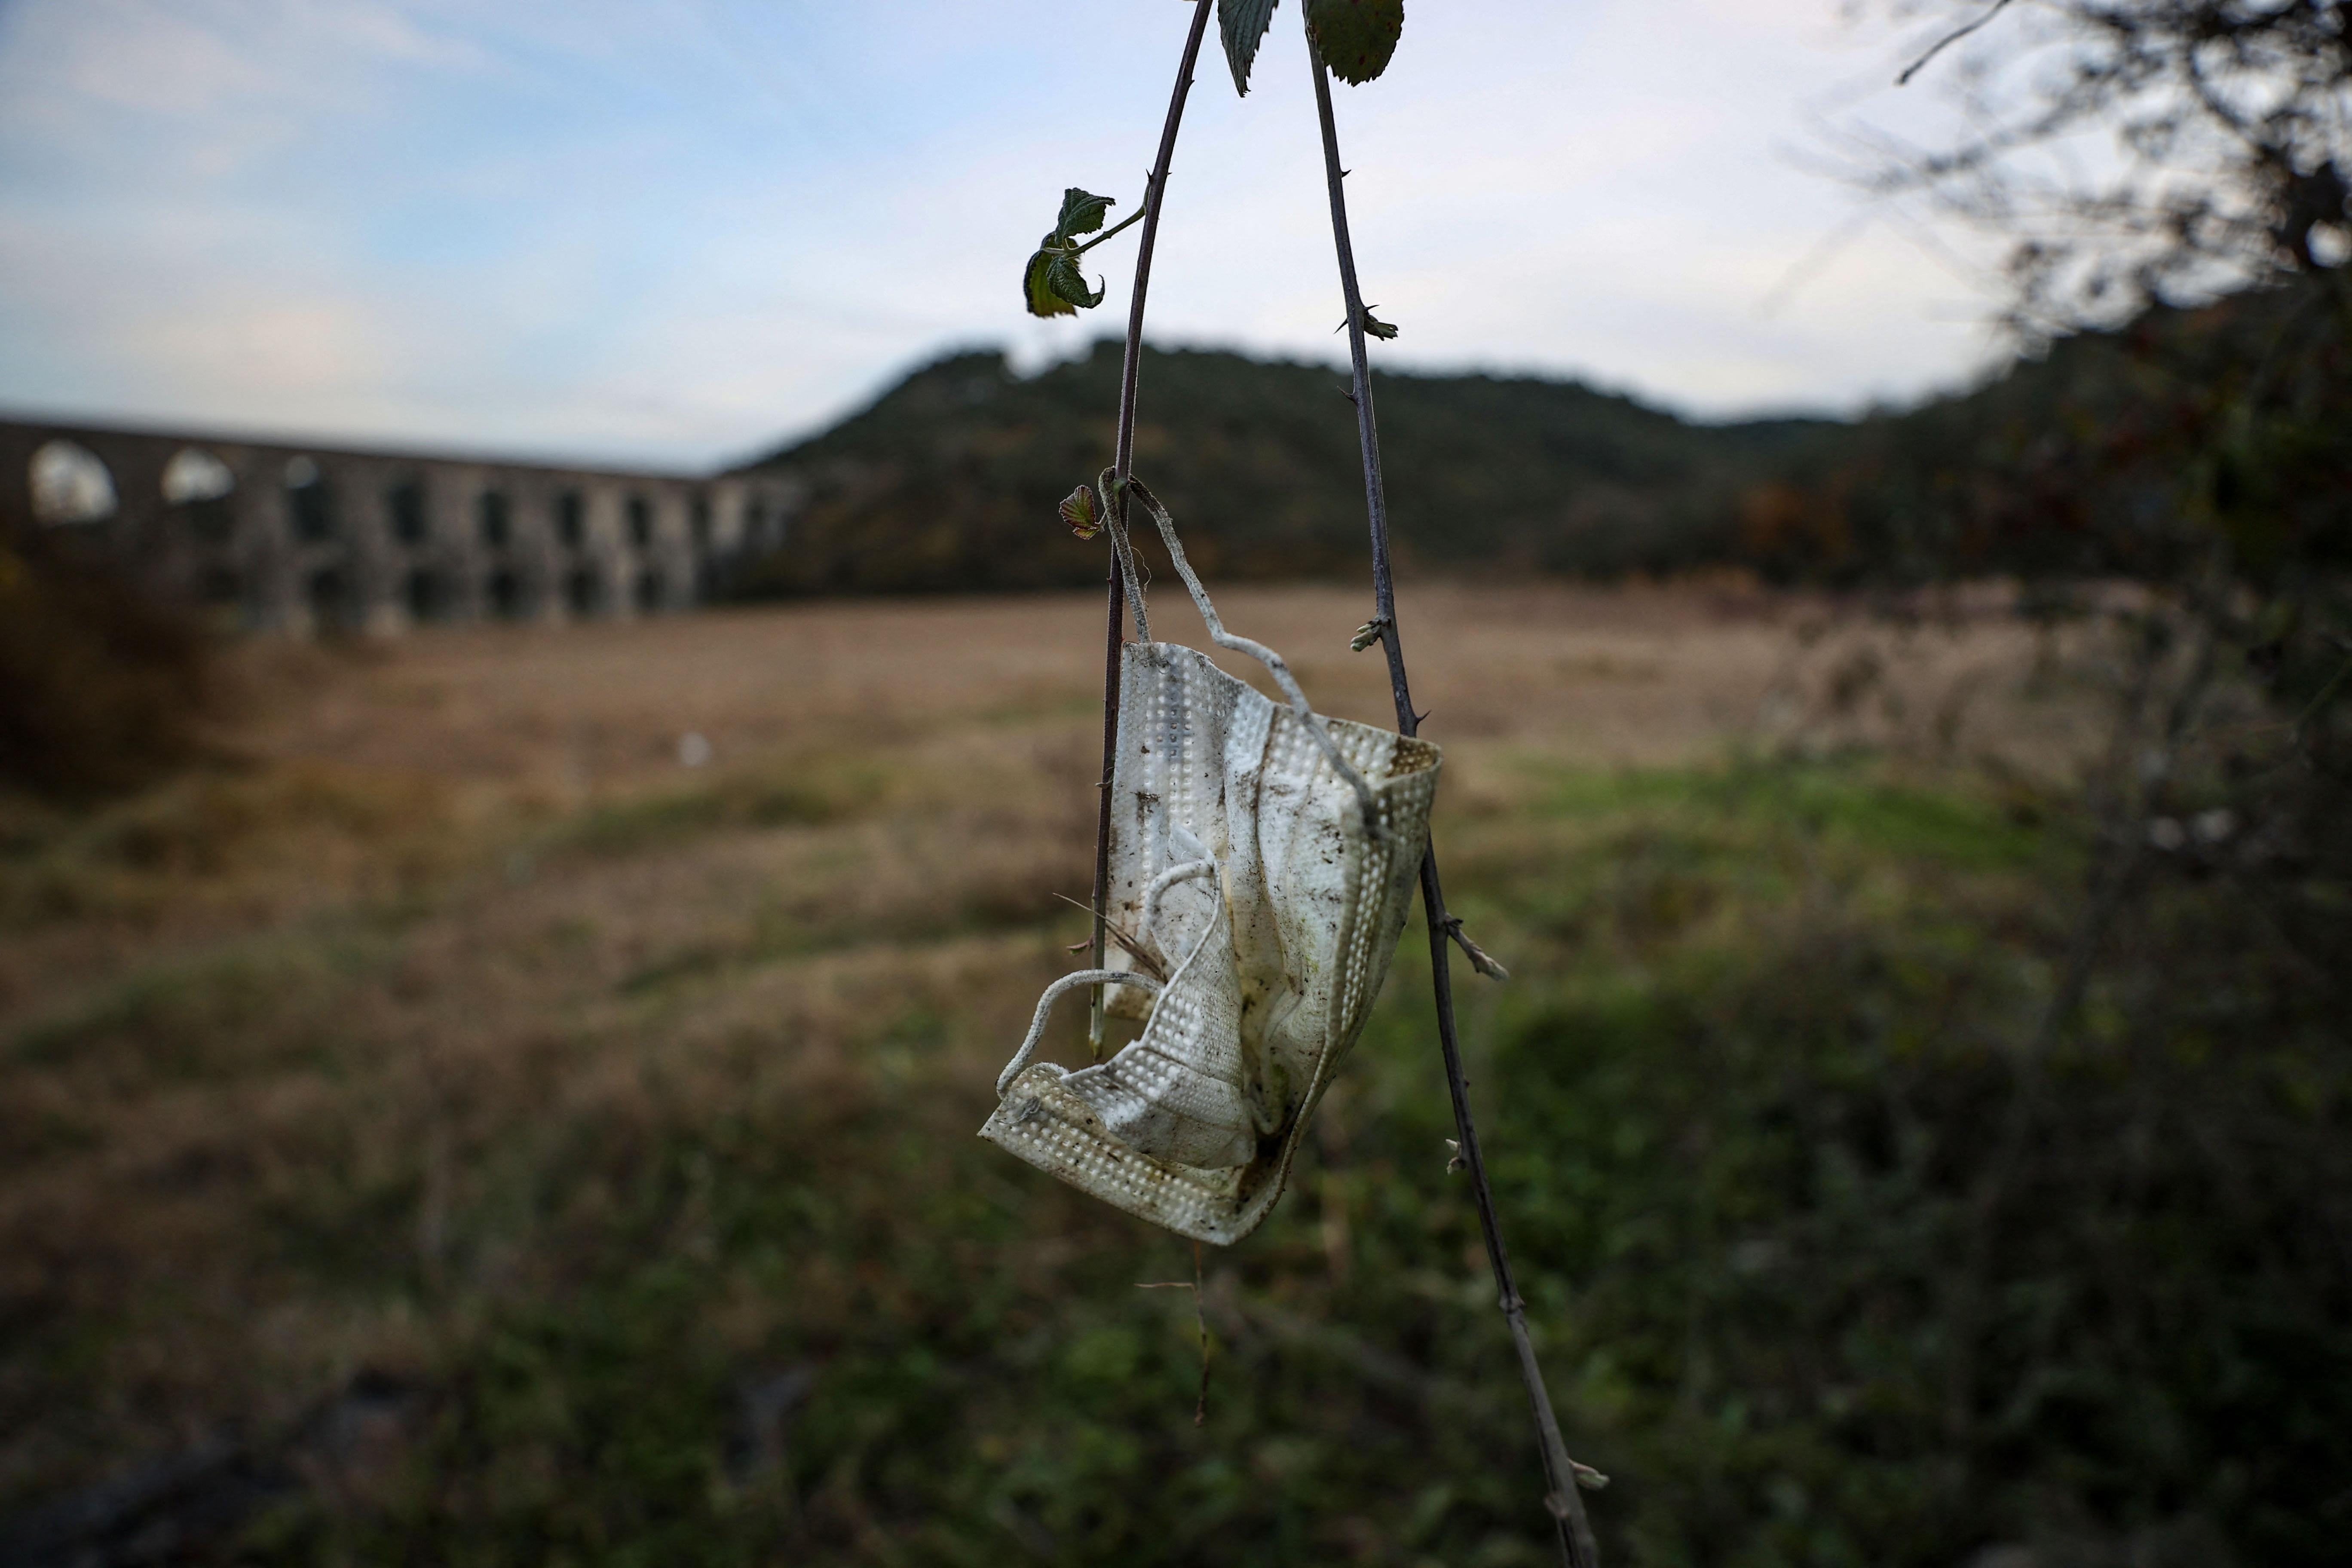 Ökológiai időzített bombát jelentenek a maszkok